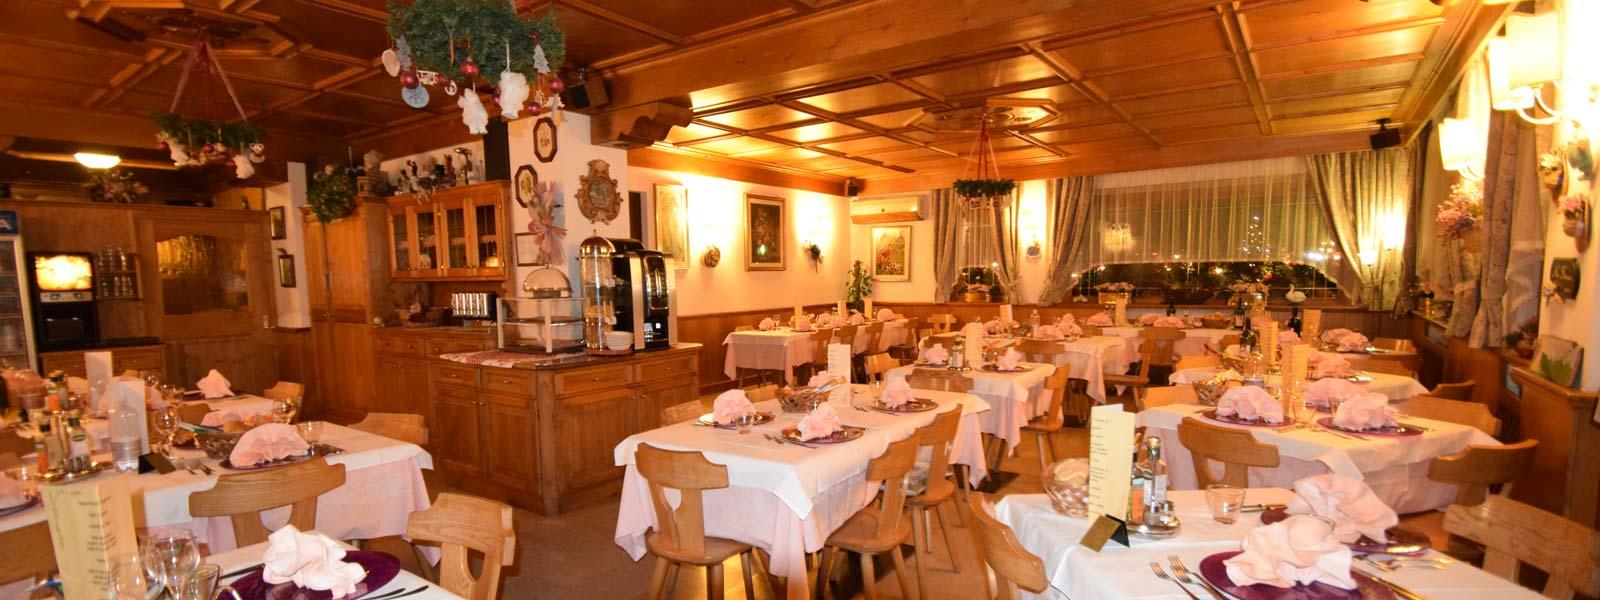 Ristorante-Miravalle